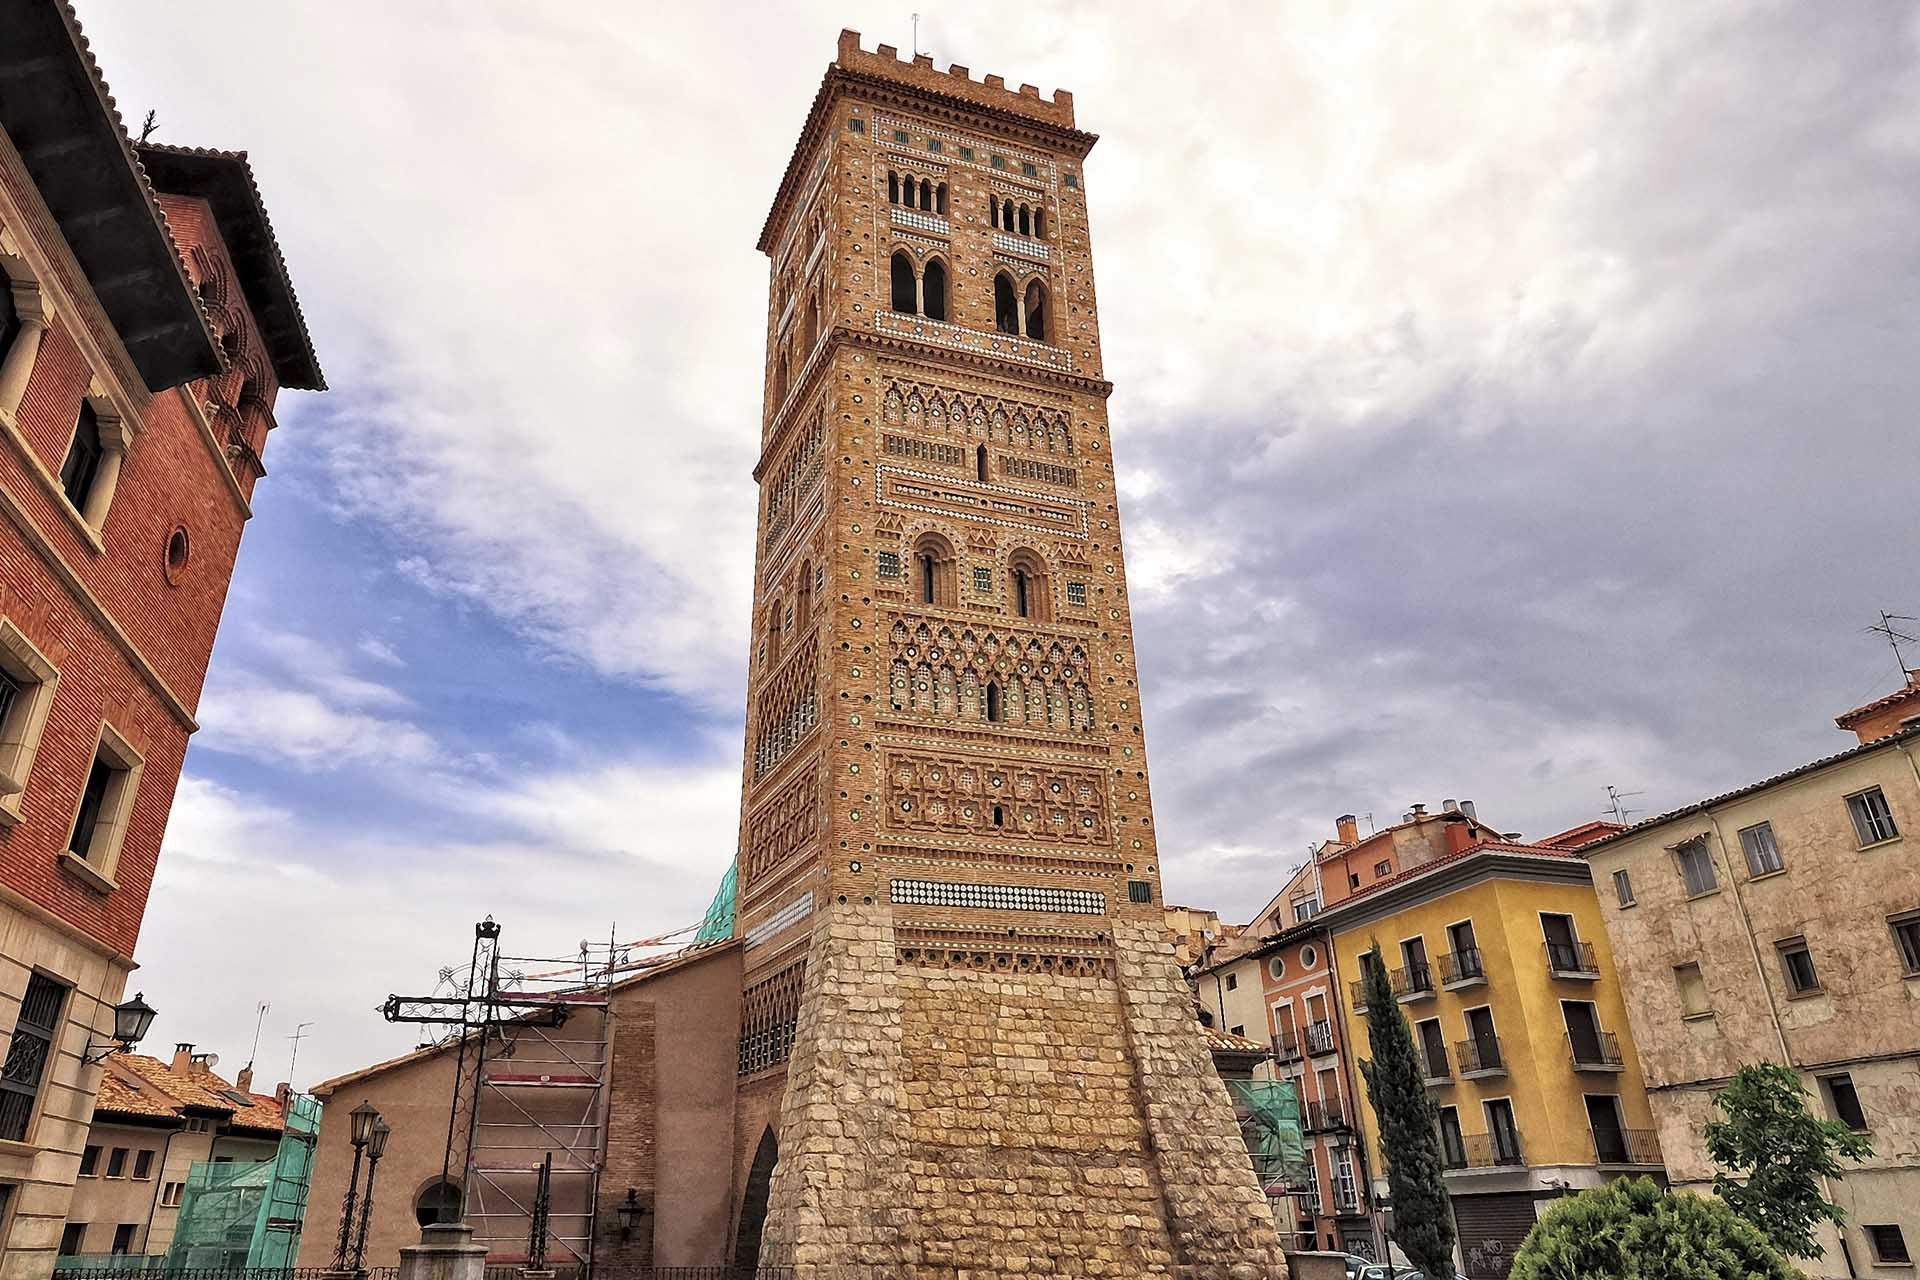 Башня Спасителя в городе Теруэль